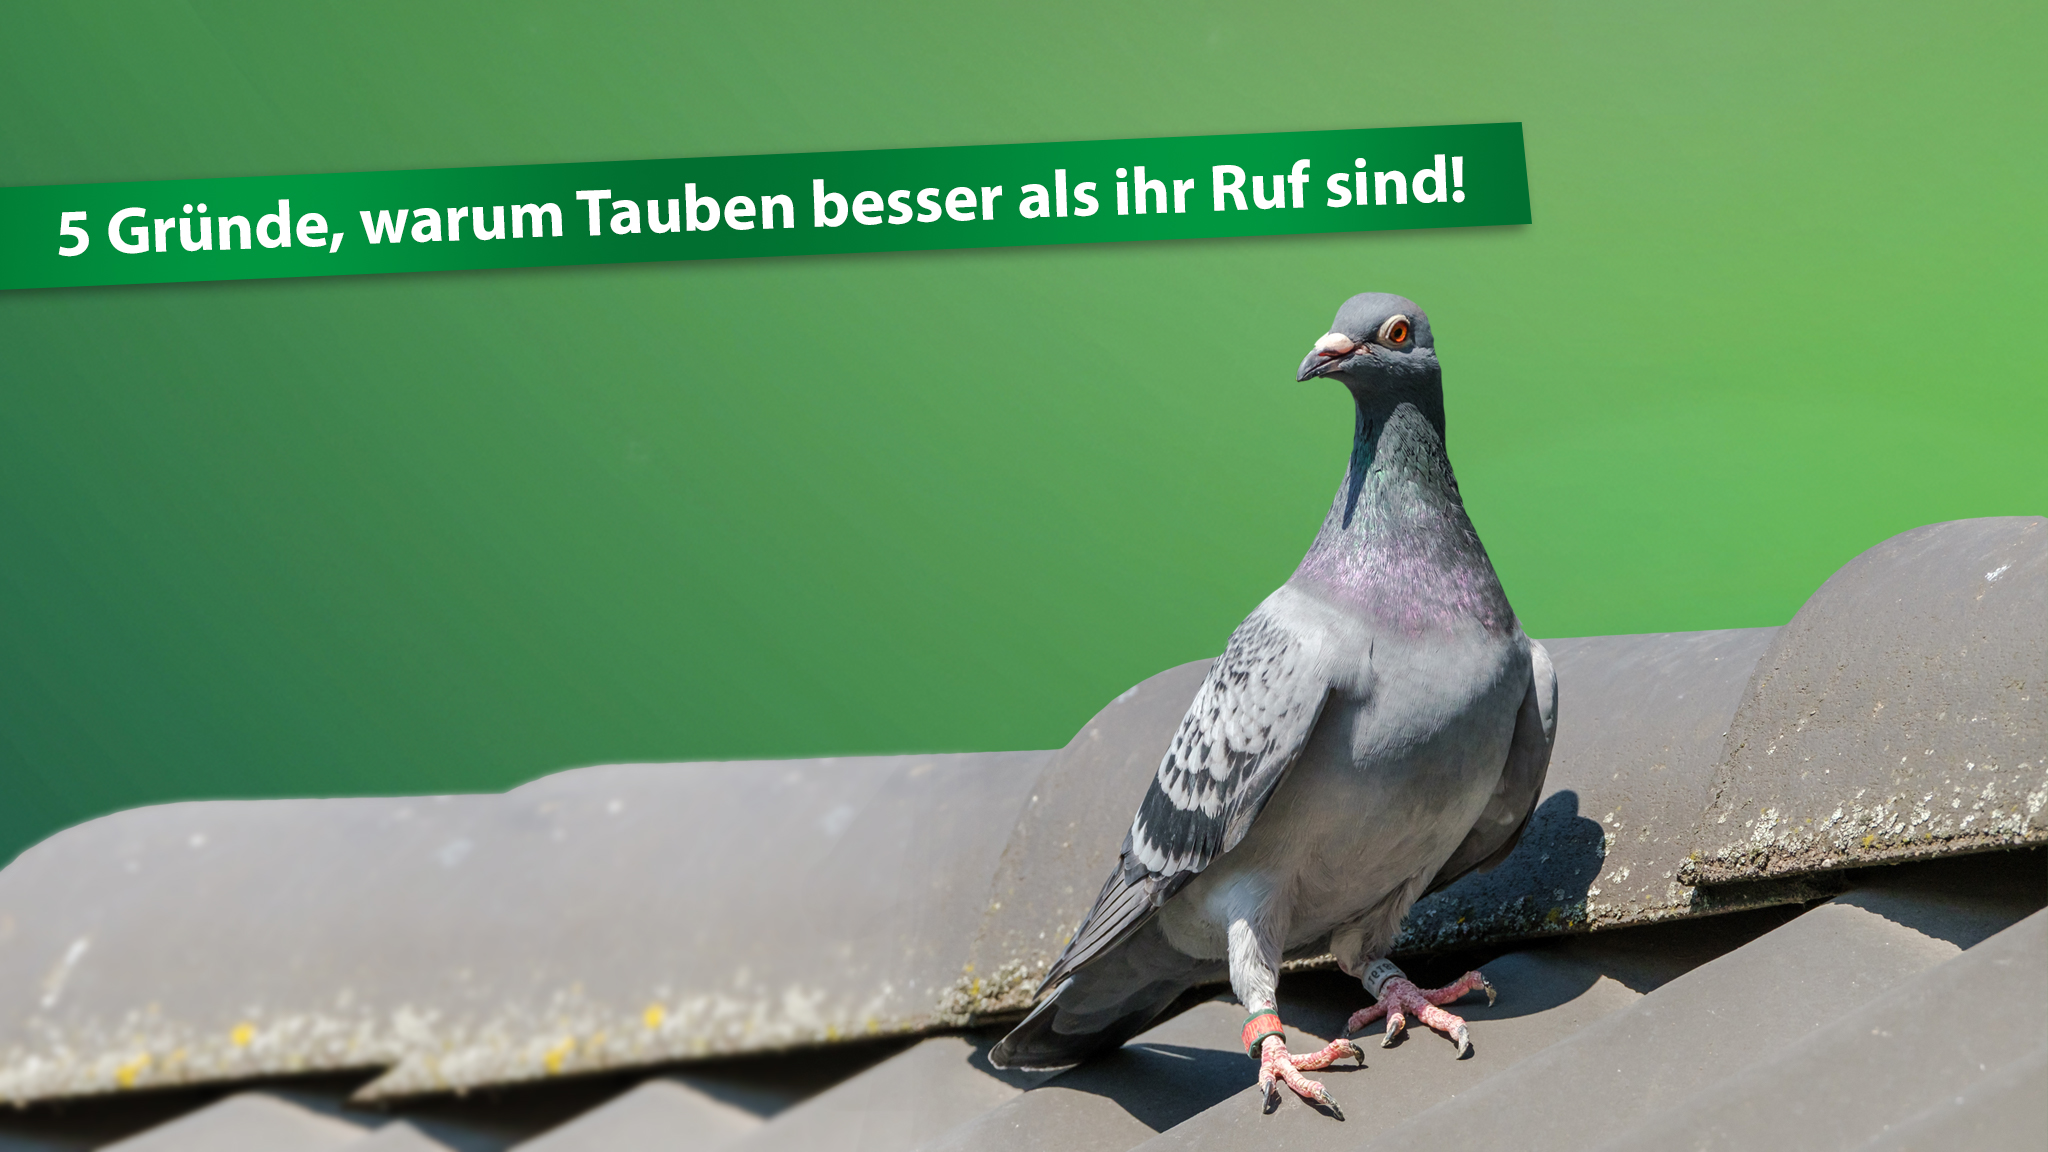 5 Gründe, warum Tauben besser sind als ihr Ruf